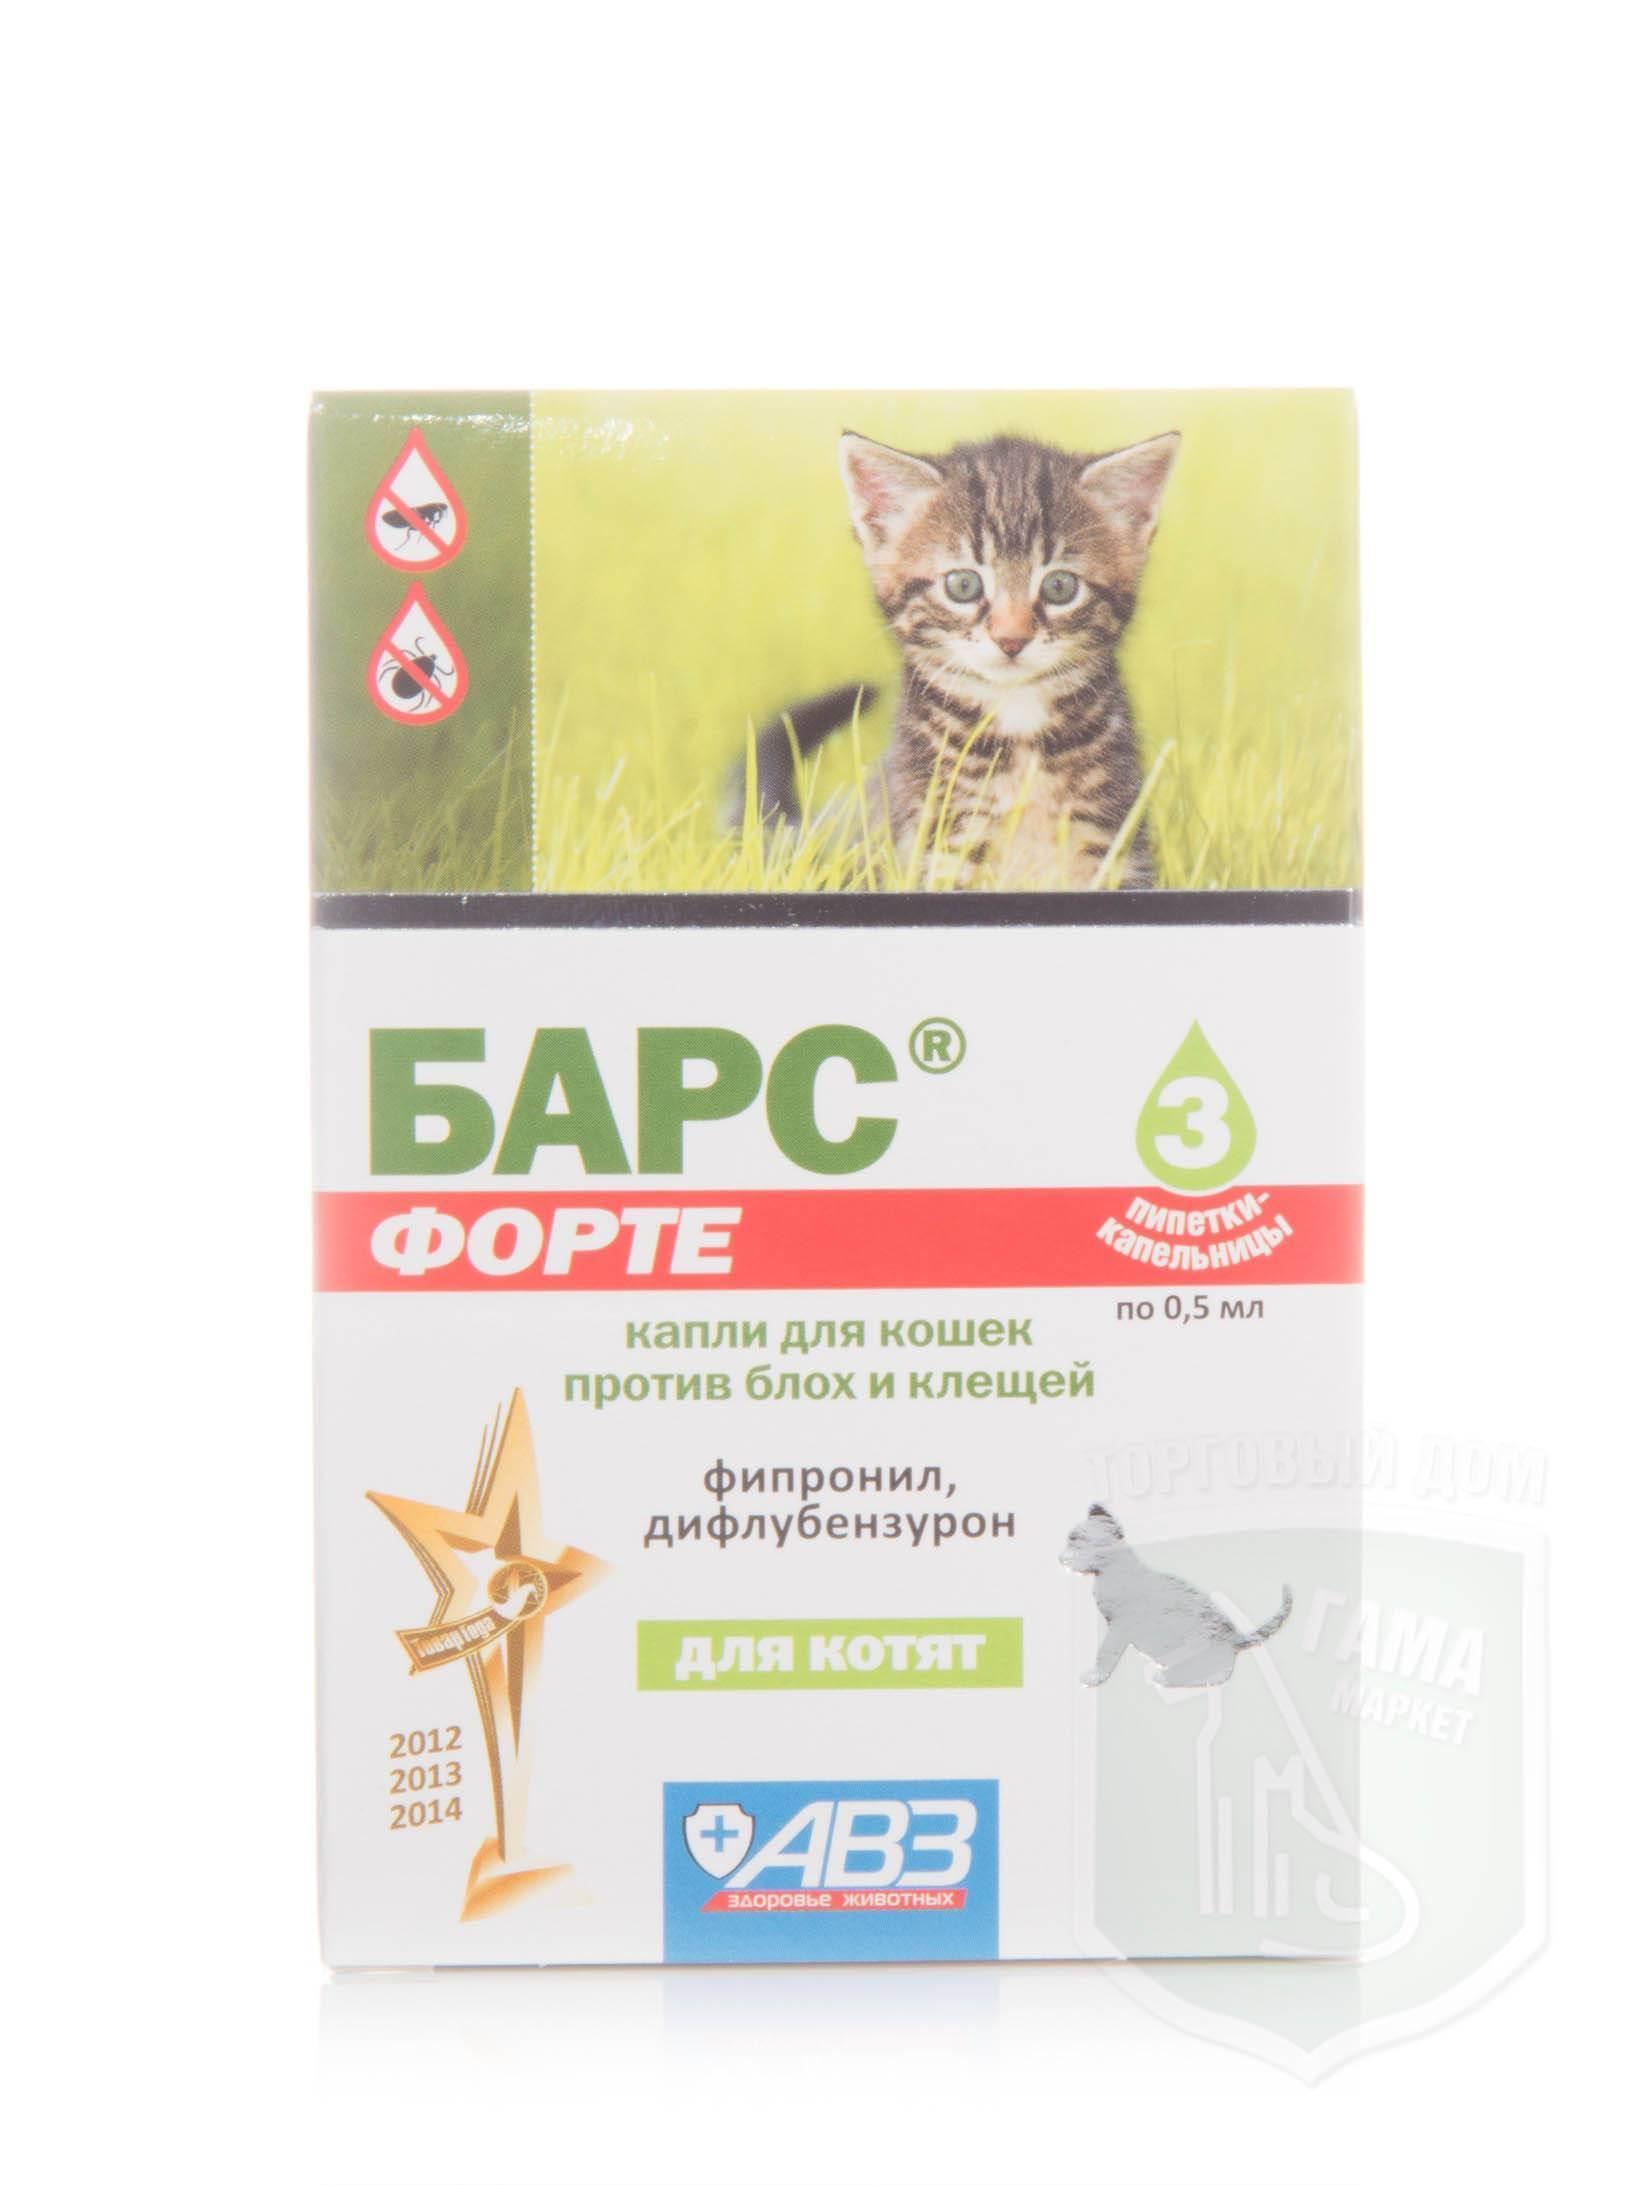 Капли барс от блох для кошек и собак: форма выпуска и состав, инструкция по применению